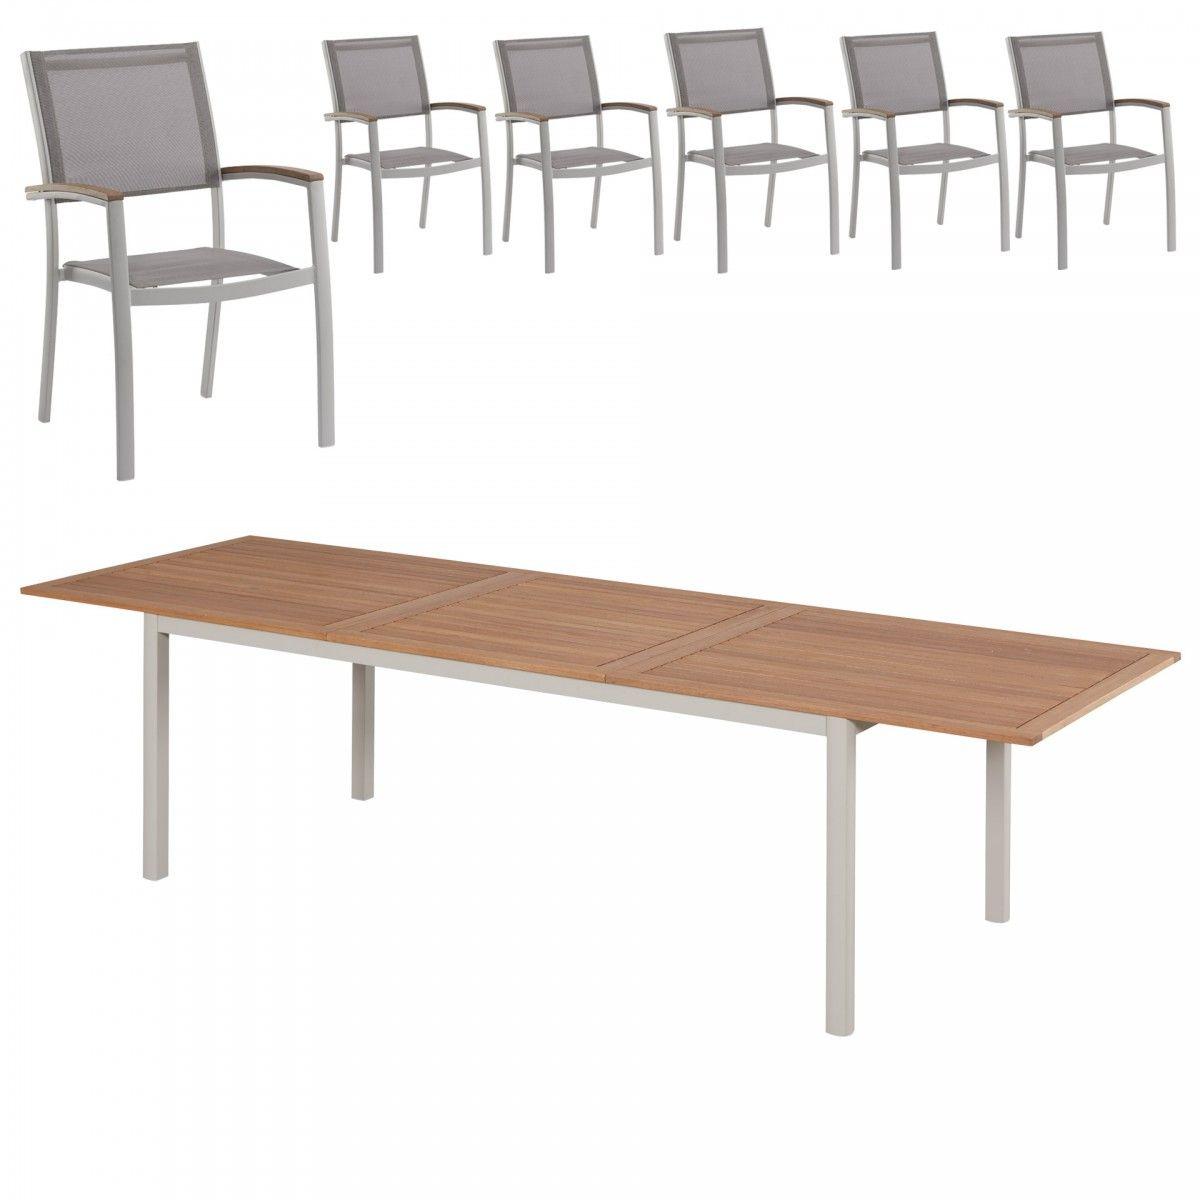 Pin Von Daniela Stefani Auf Gartenmobel Gartenmobel Ausziehbarer Tisch Mobel